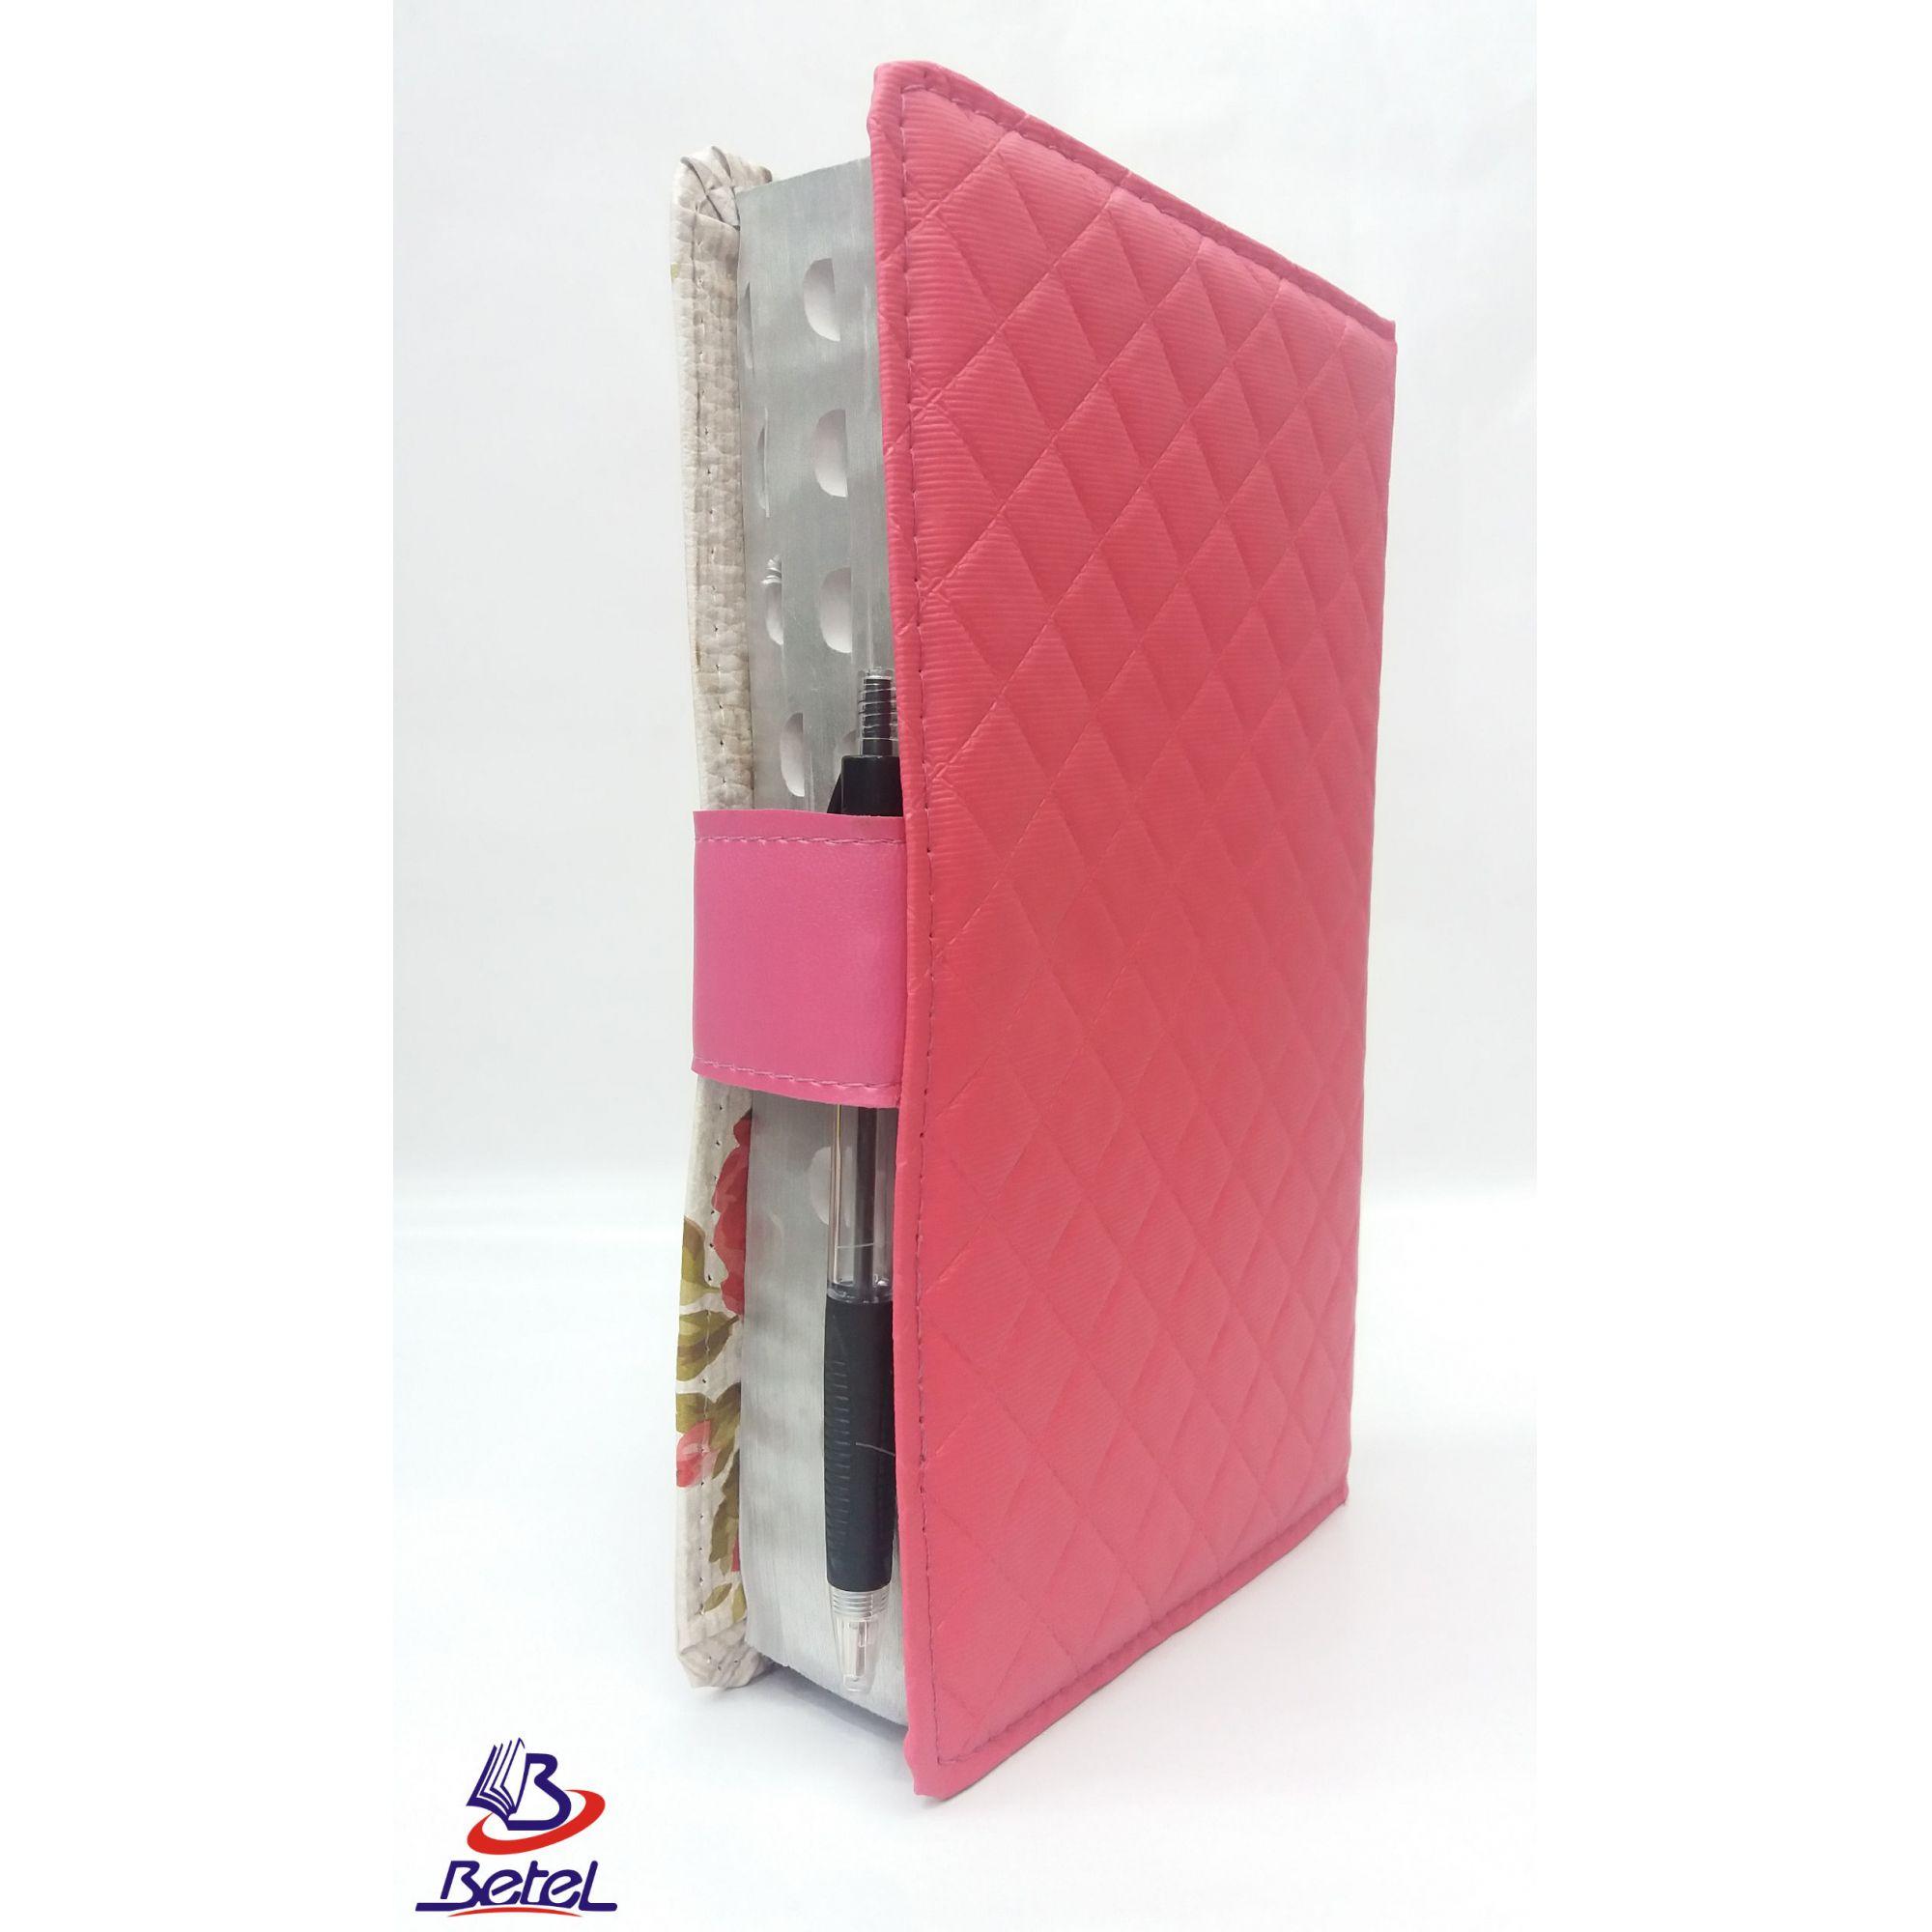 Bíblia com Harpa Letra Gigante ARC Fecho Botão + Caneta (Rosa Flor)  - Livraria Betel